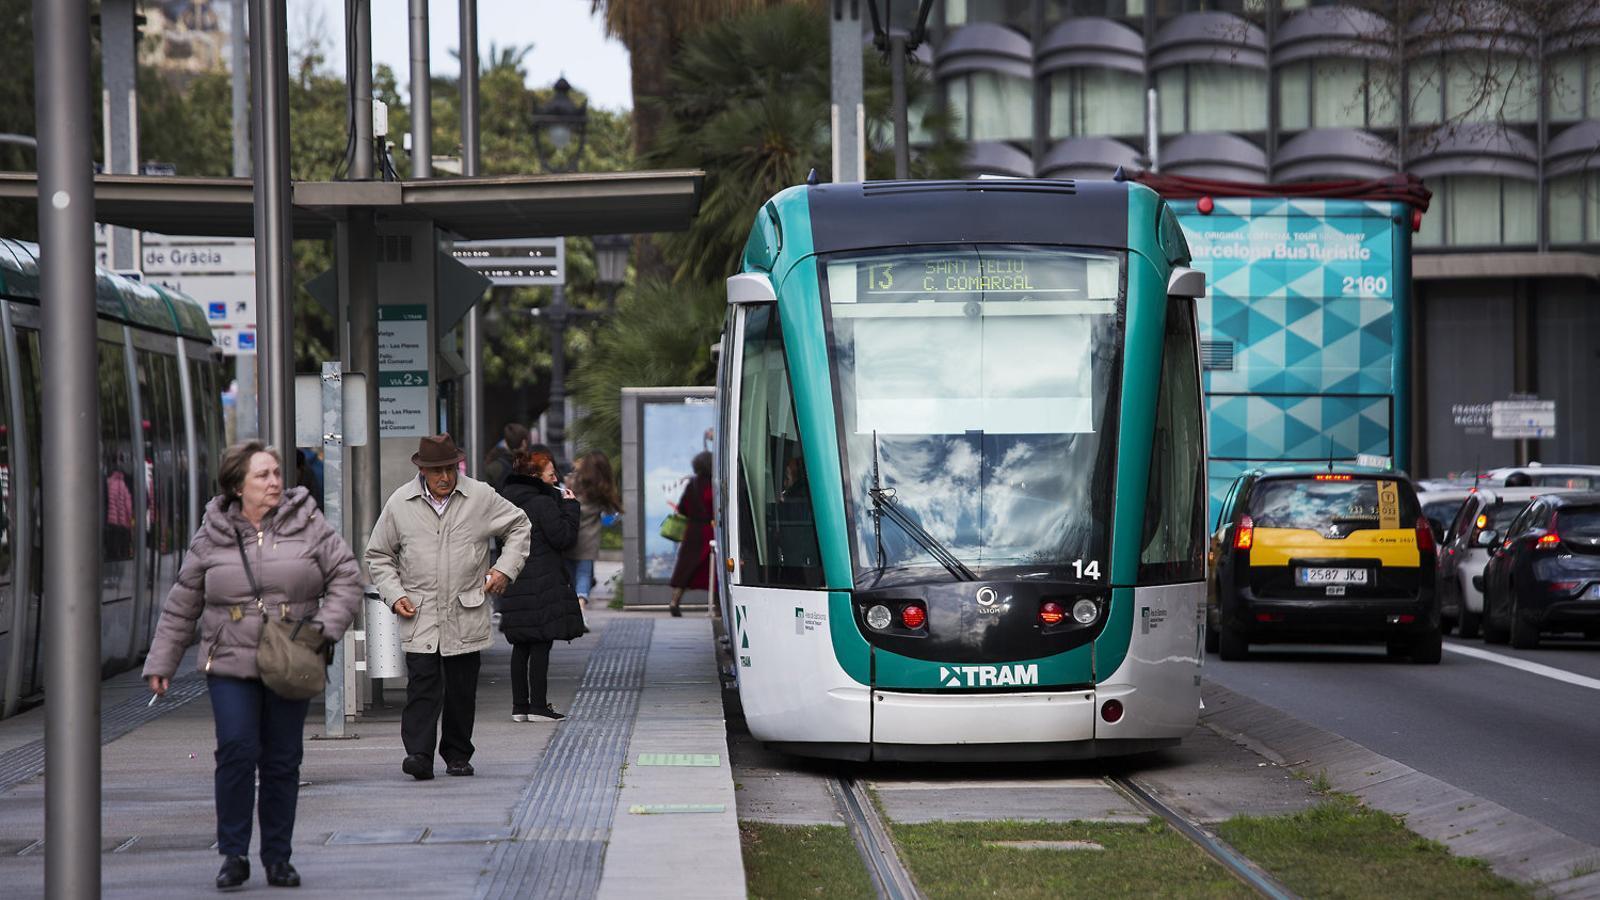 El tramvia per l'avinguda Diagonal, en una imatge d'arxiu.